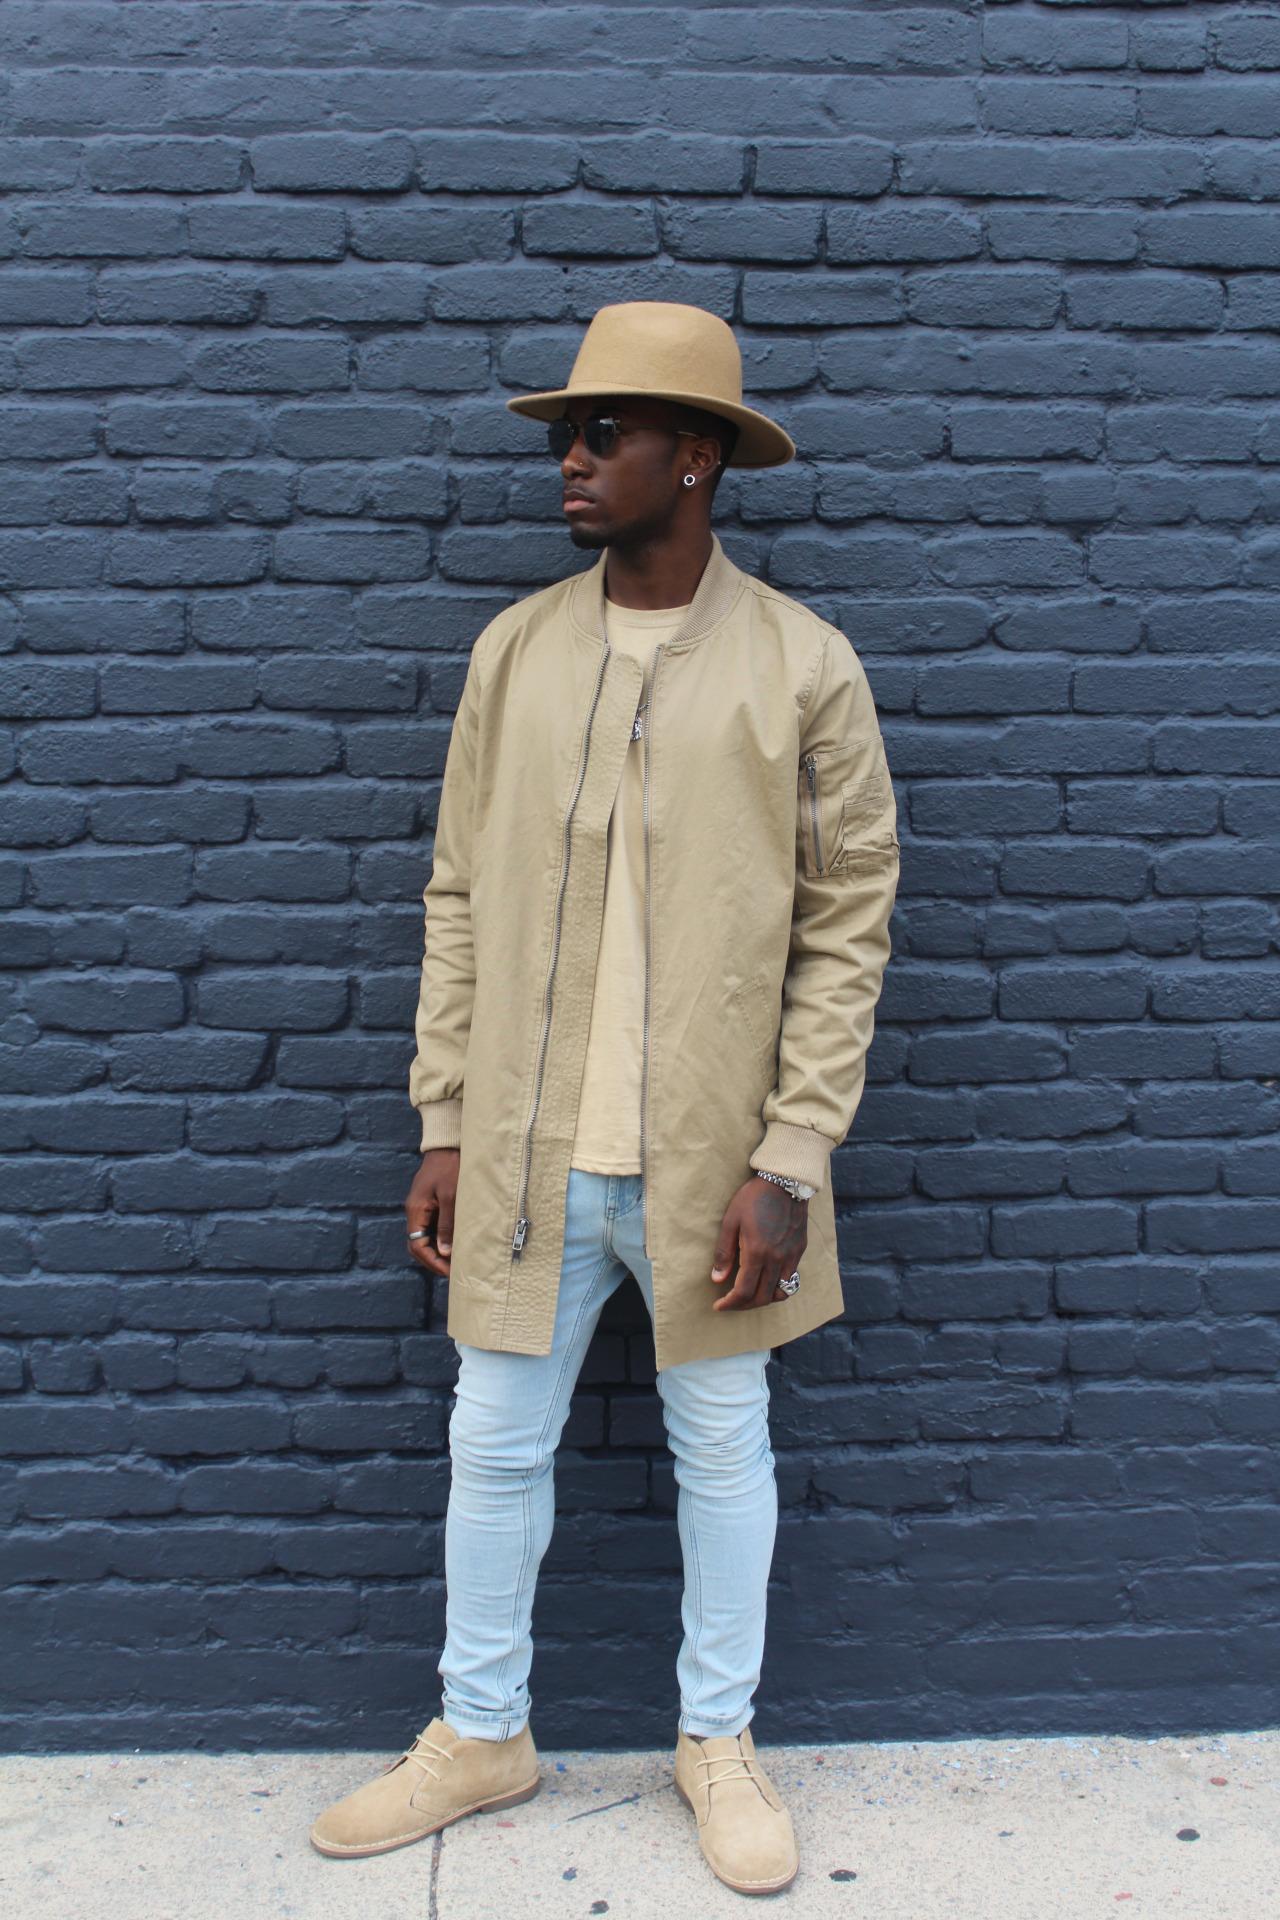 ベージュハット×ベージュMA-1コート×ベージュTシャツ×ジーンズ×ベージュスエードチャッカブーツ